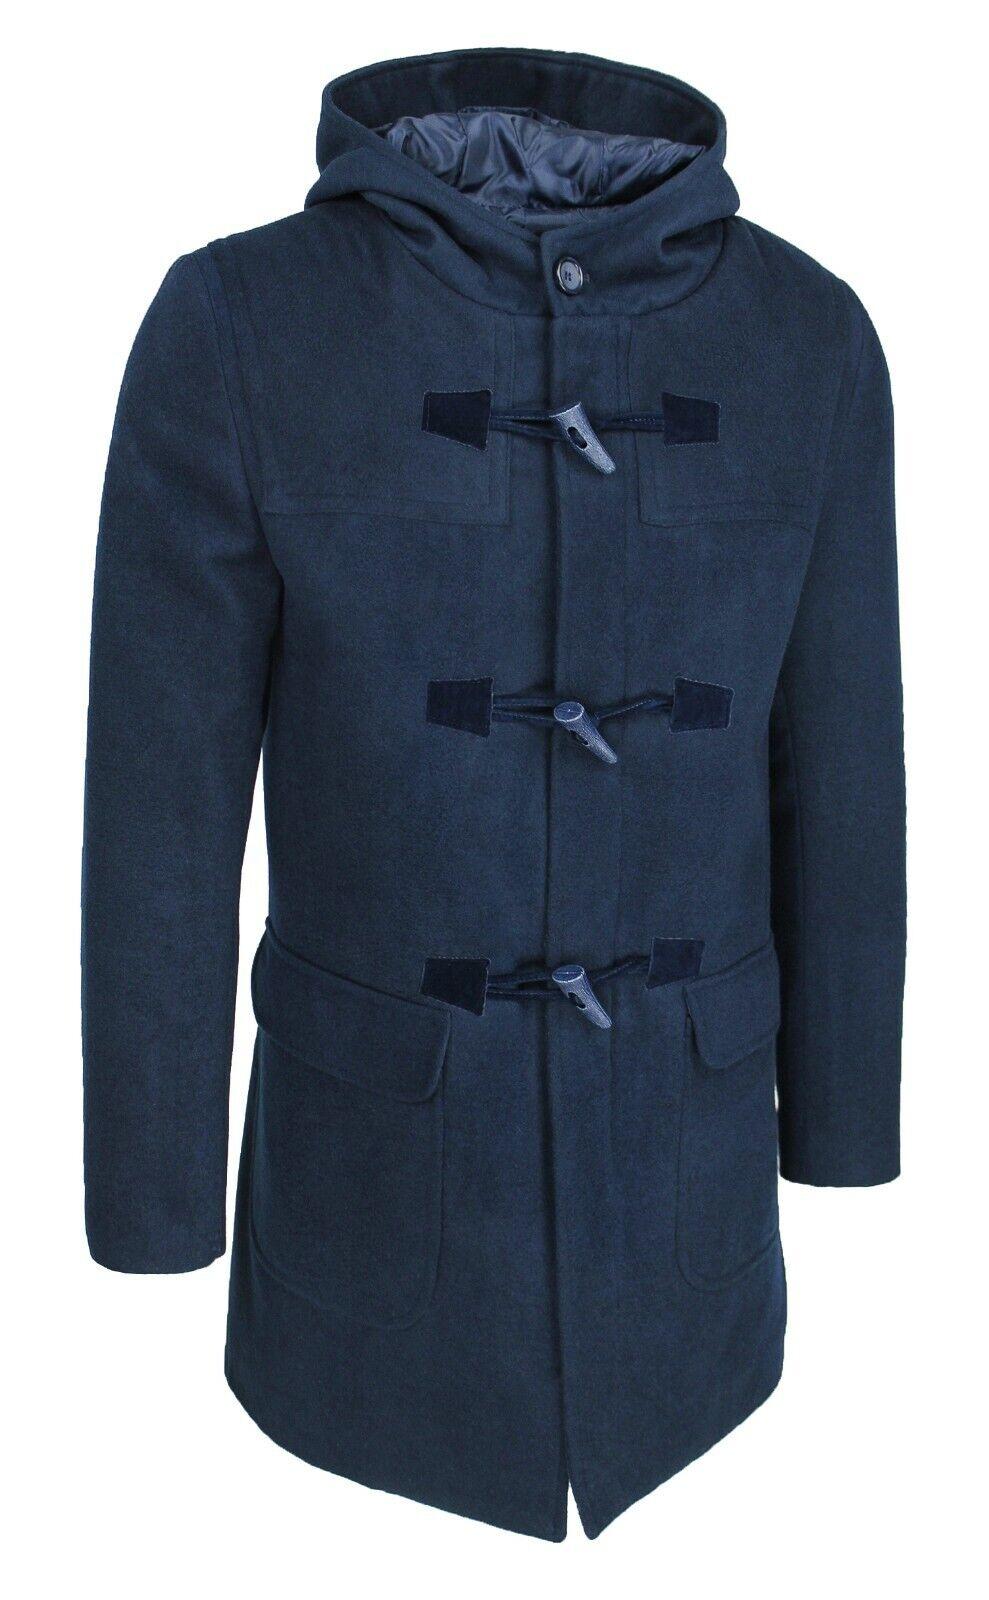 Giacche e cappotti da uomo di colore blu SalvaDanari